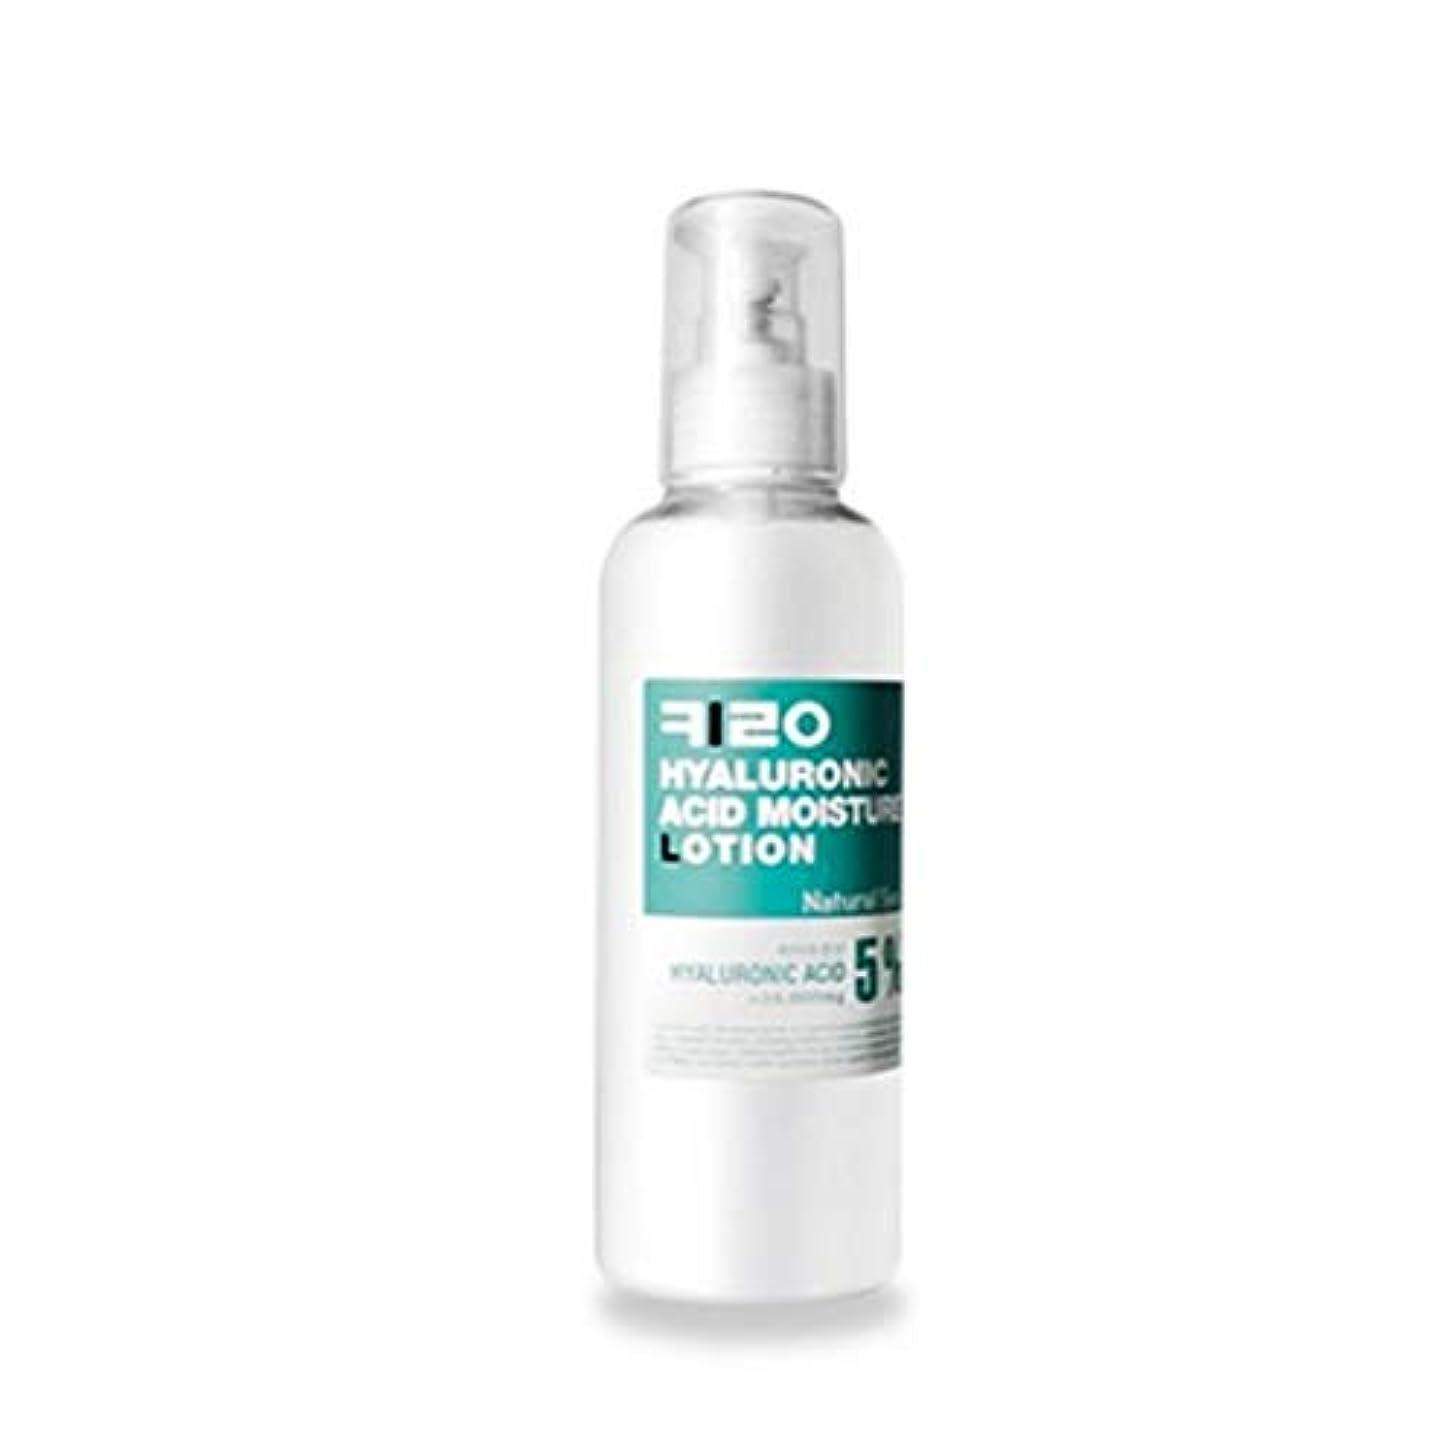 名前やめる誘導ナチュラルSooキーロヒアルロン酸モイスチャーローション200g韓国コスメ、Natural Soo Hyaluronic Acid Moisture Lotion 200g Korean Cosmetics [並行輸入品]